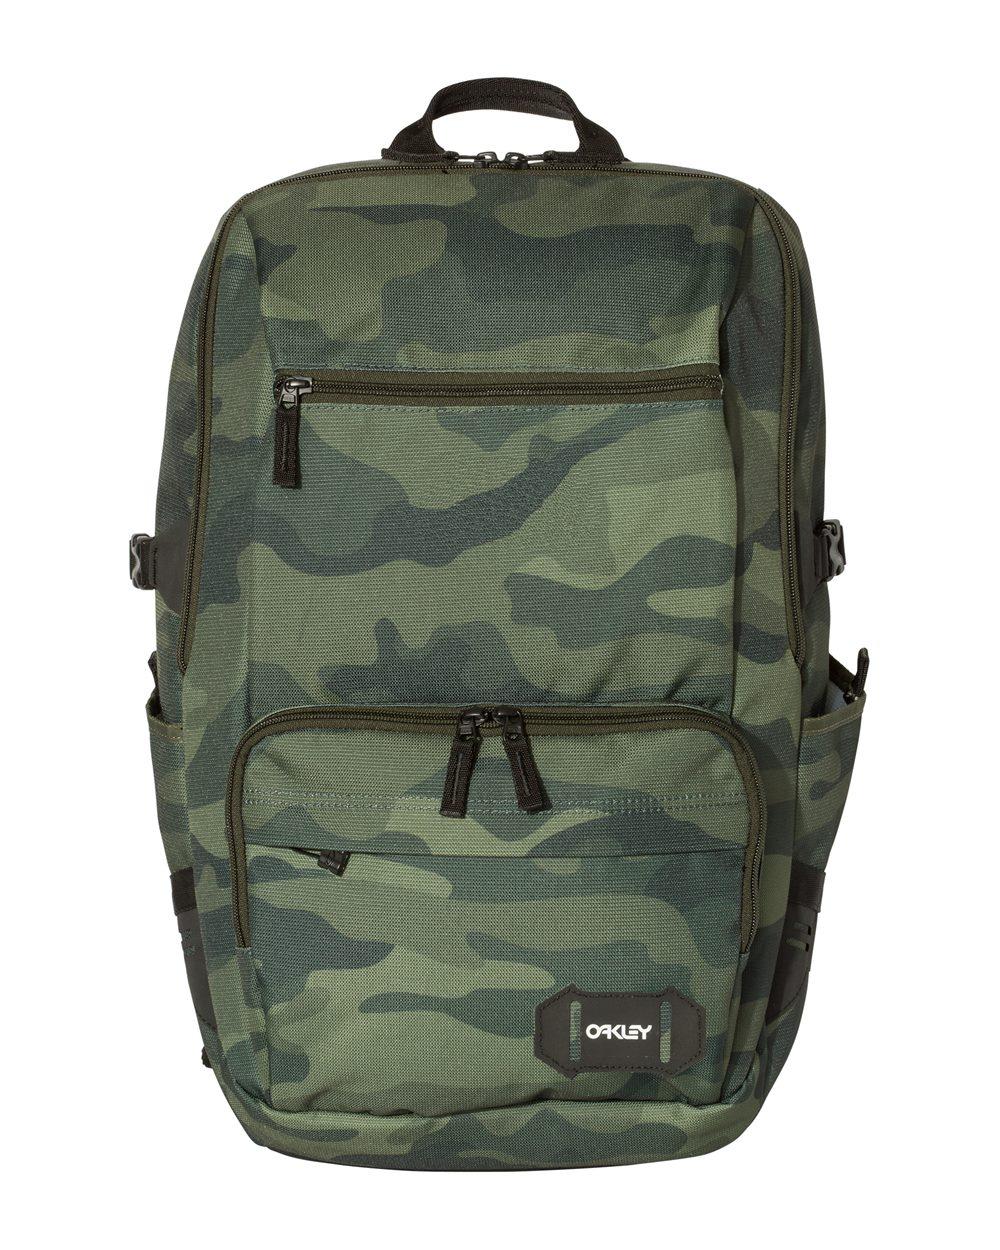 Oakley 921422ODM - 28L Street Pocket Backpack